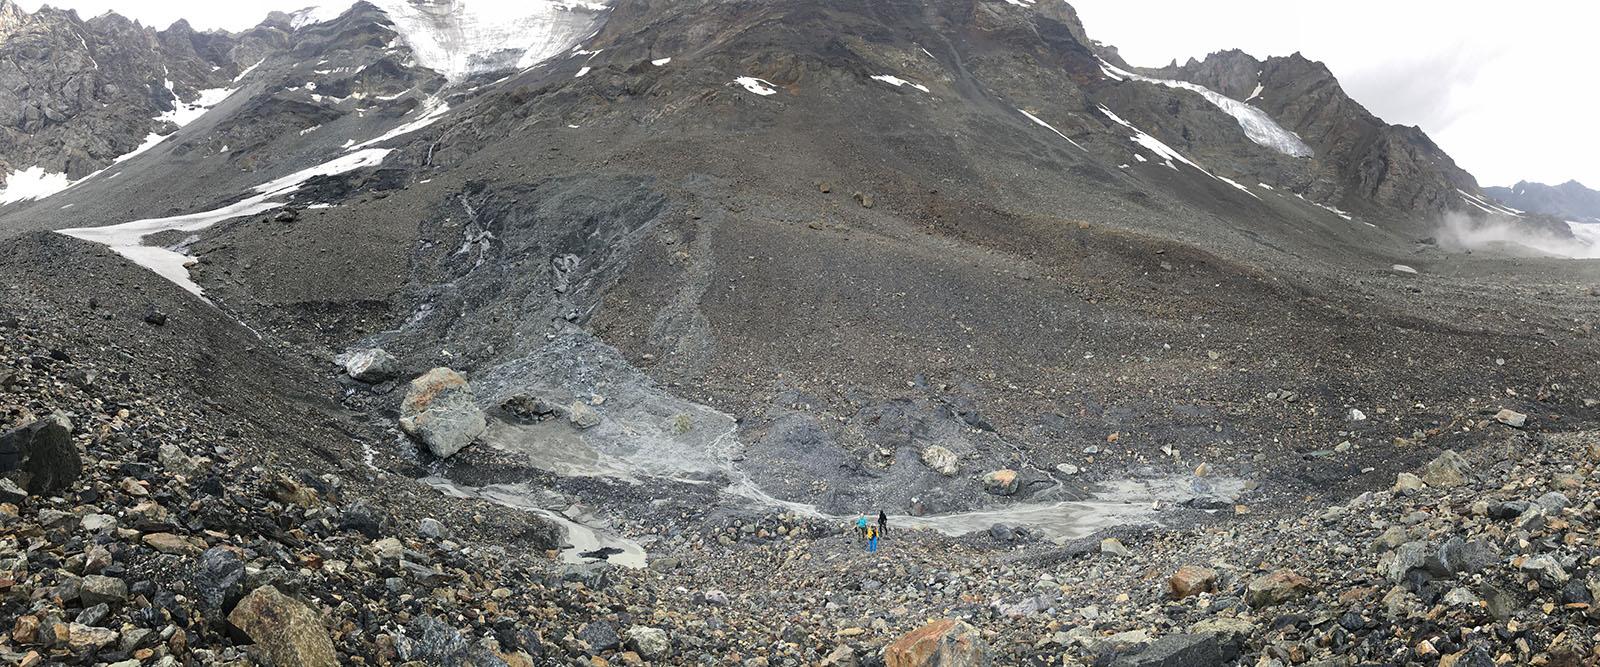 На подходе к леднику Мидаграбин